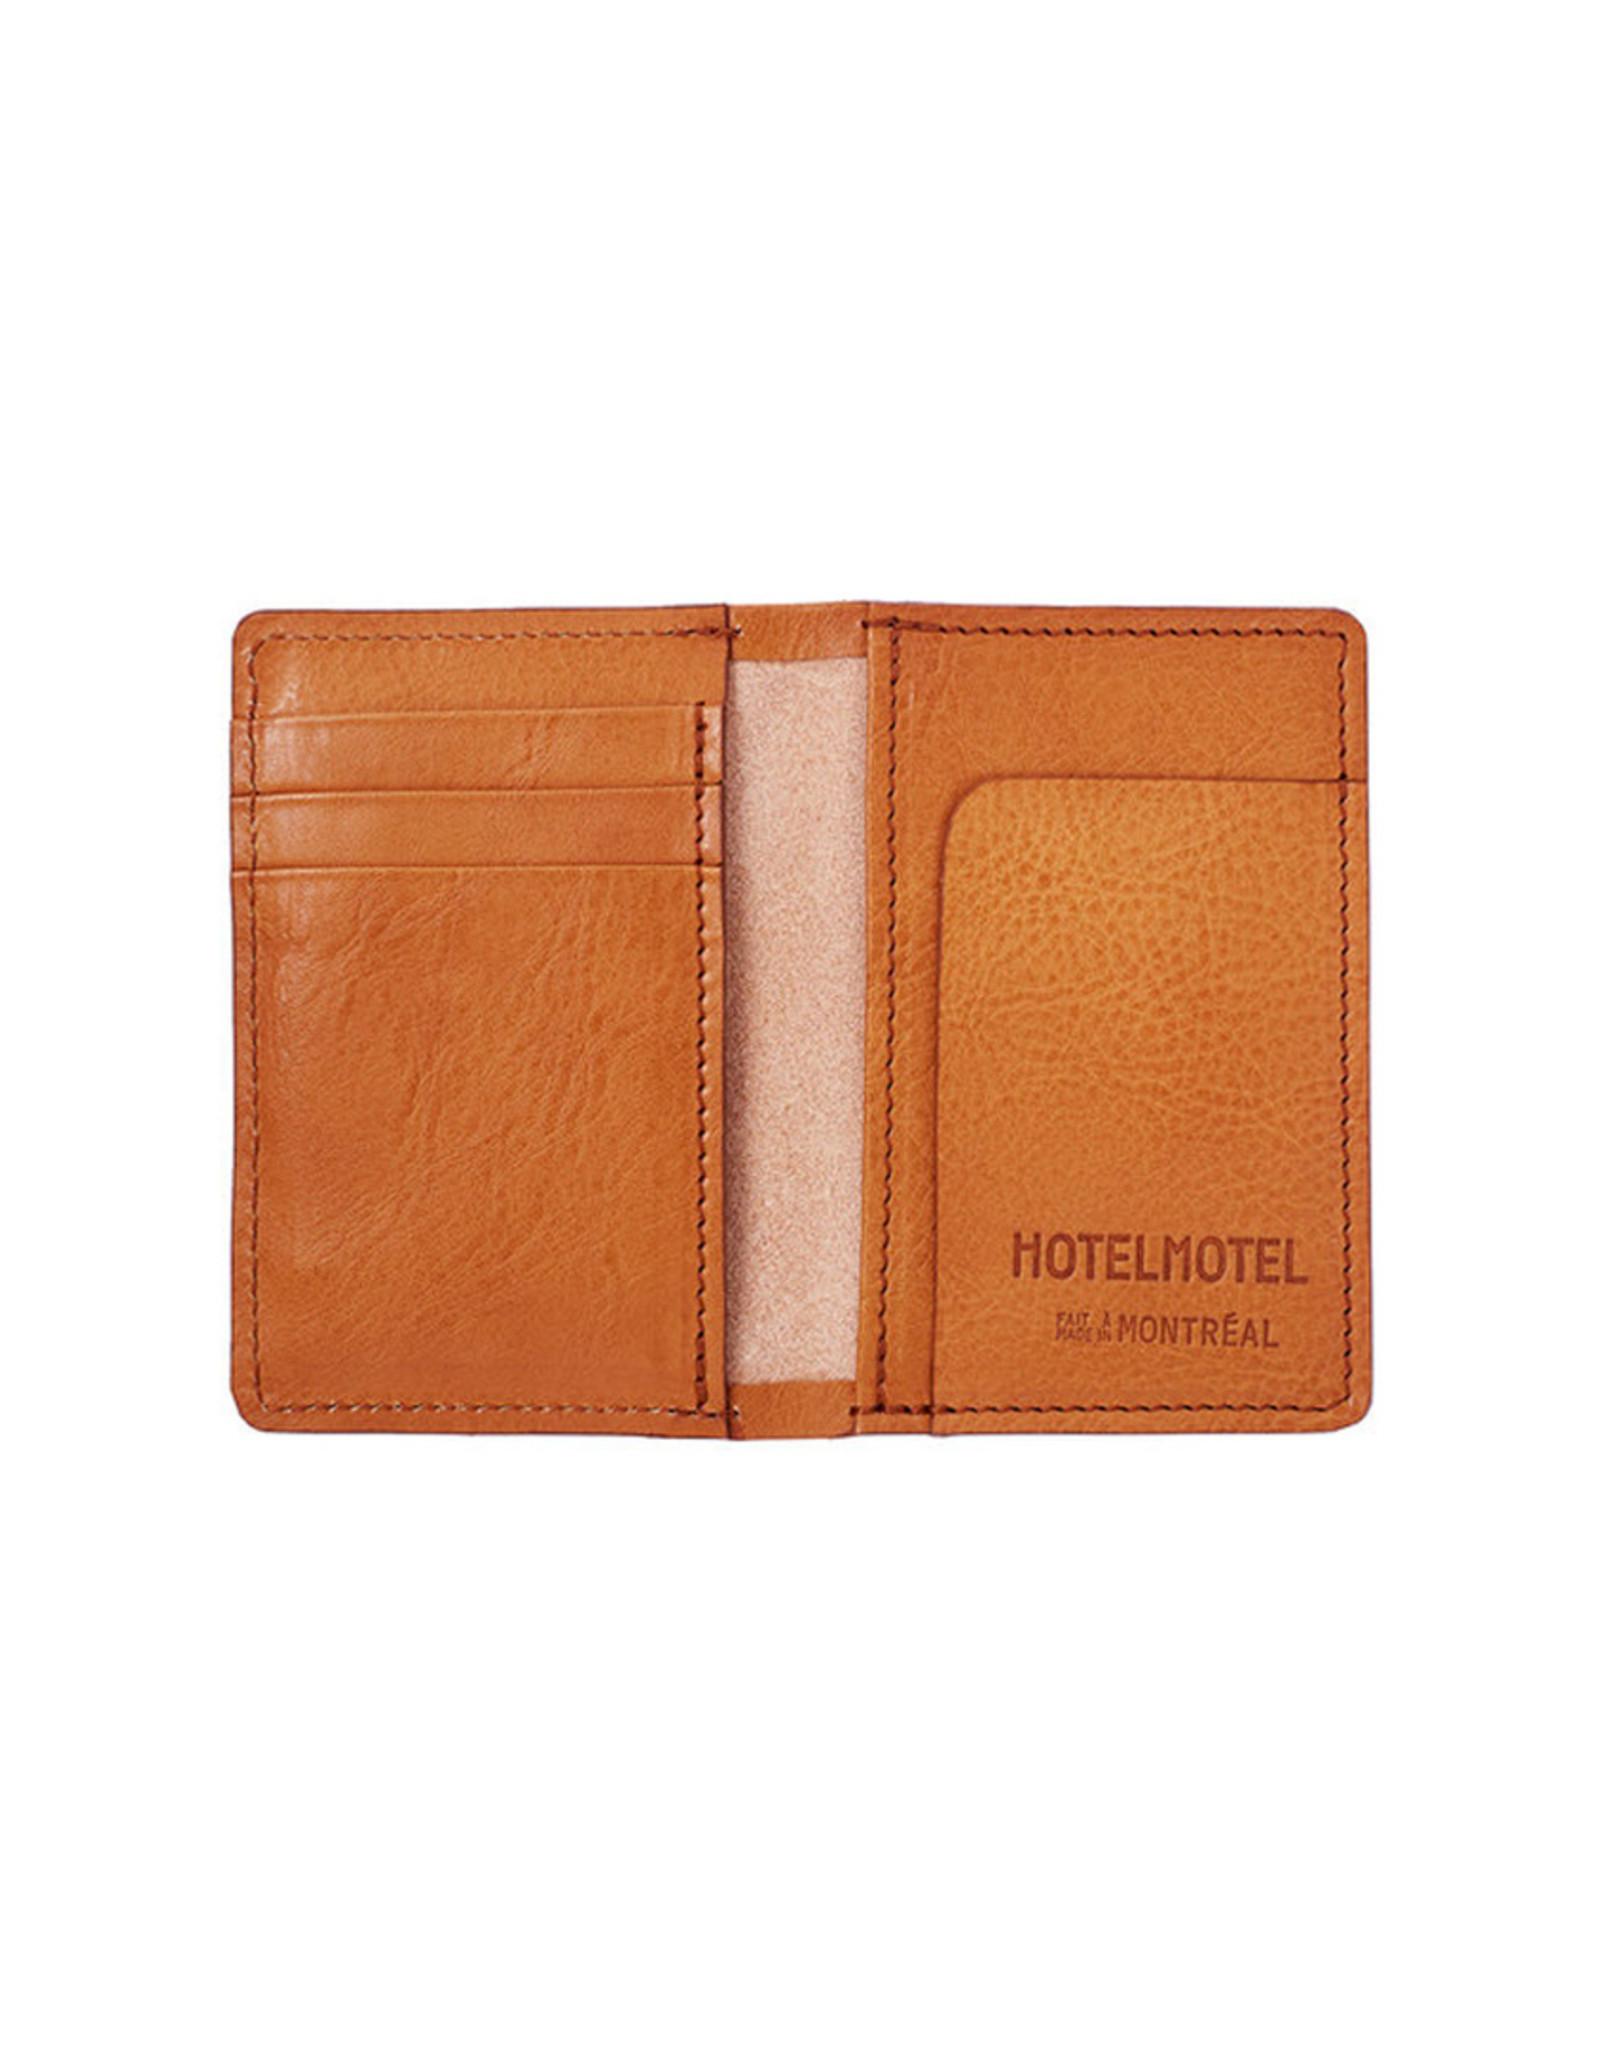 Hotel Motel - Valet -